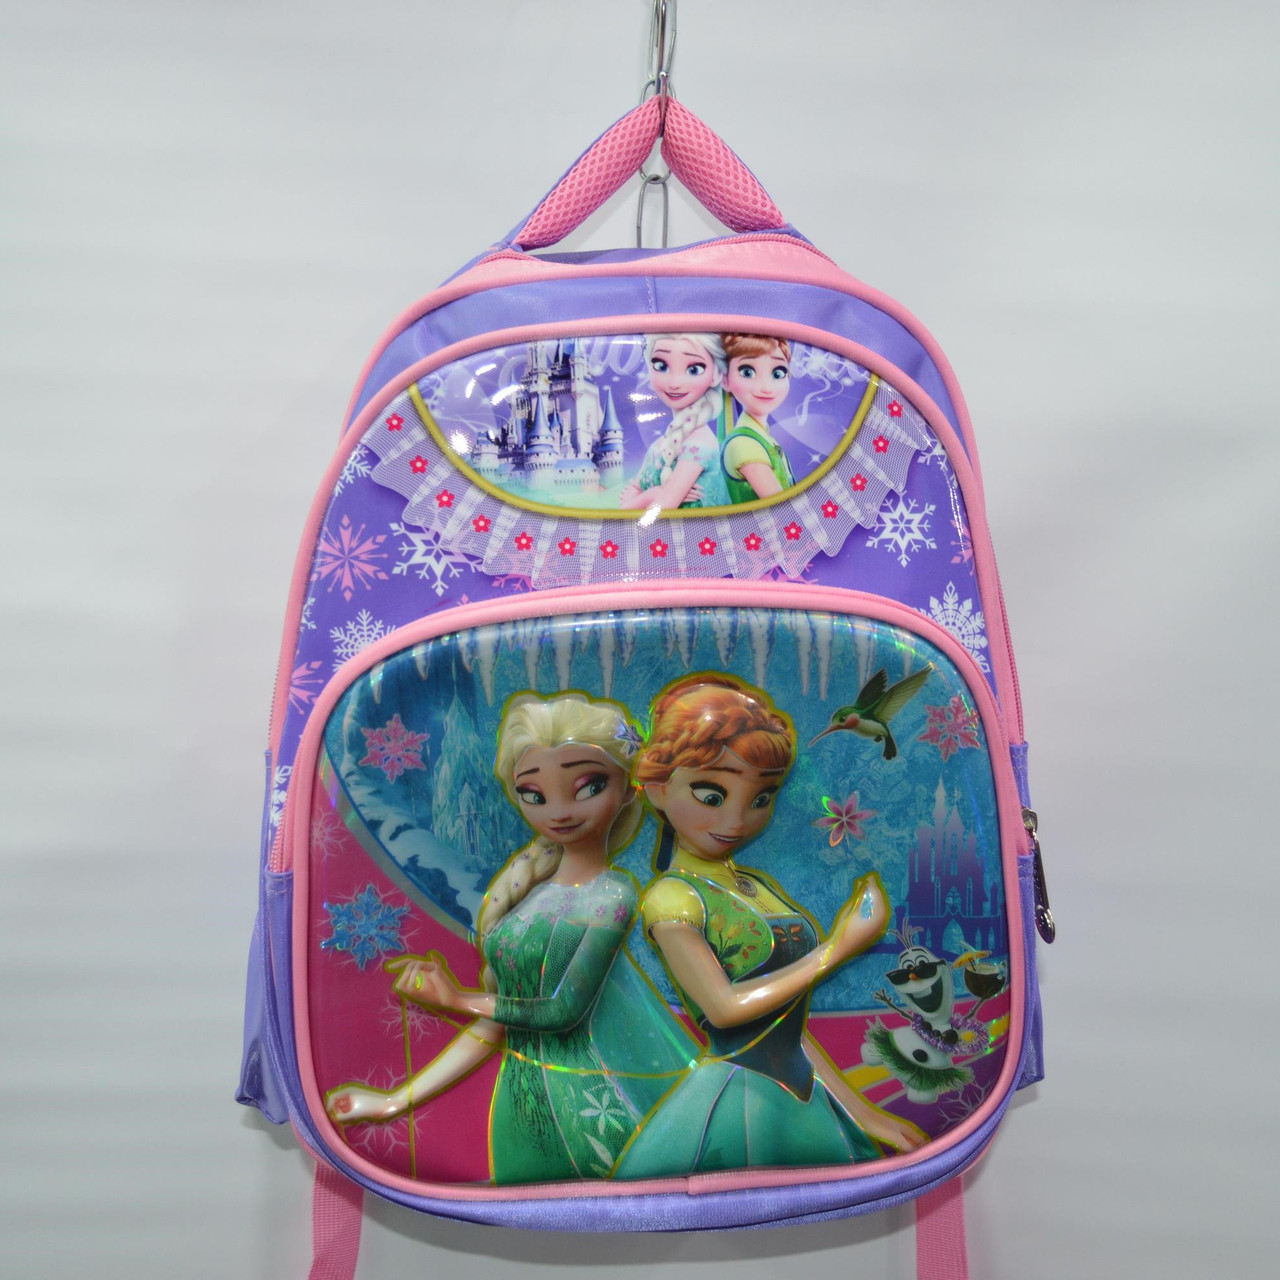 Школьный рюкзак 1 класс с эльзой winx рюкзаки